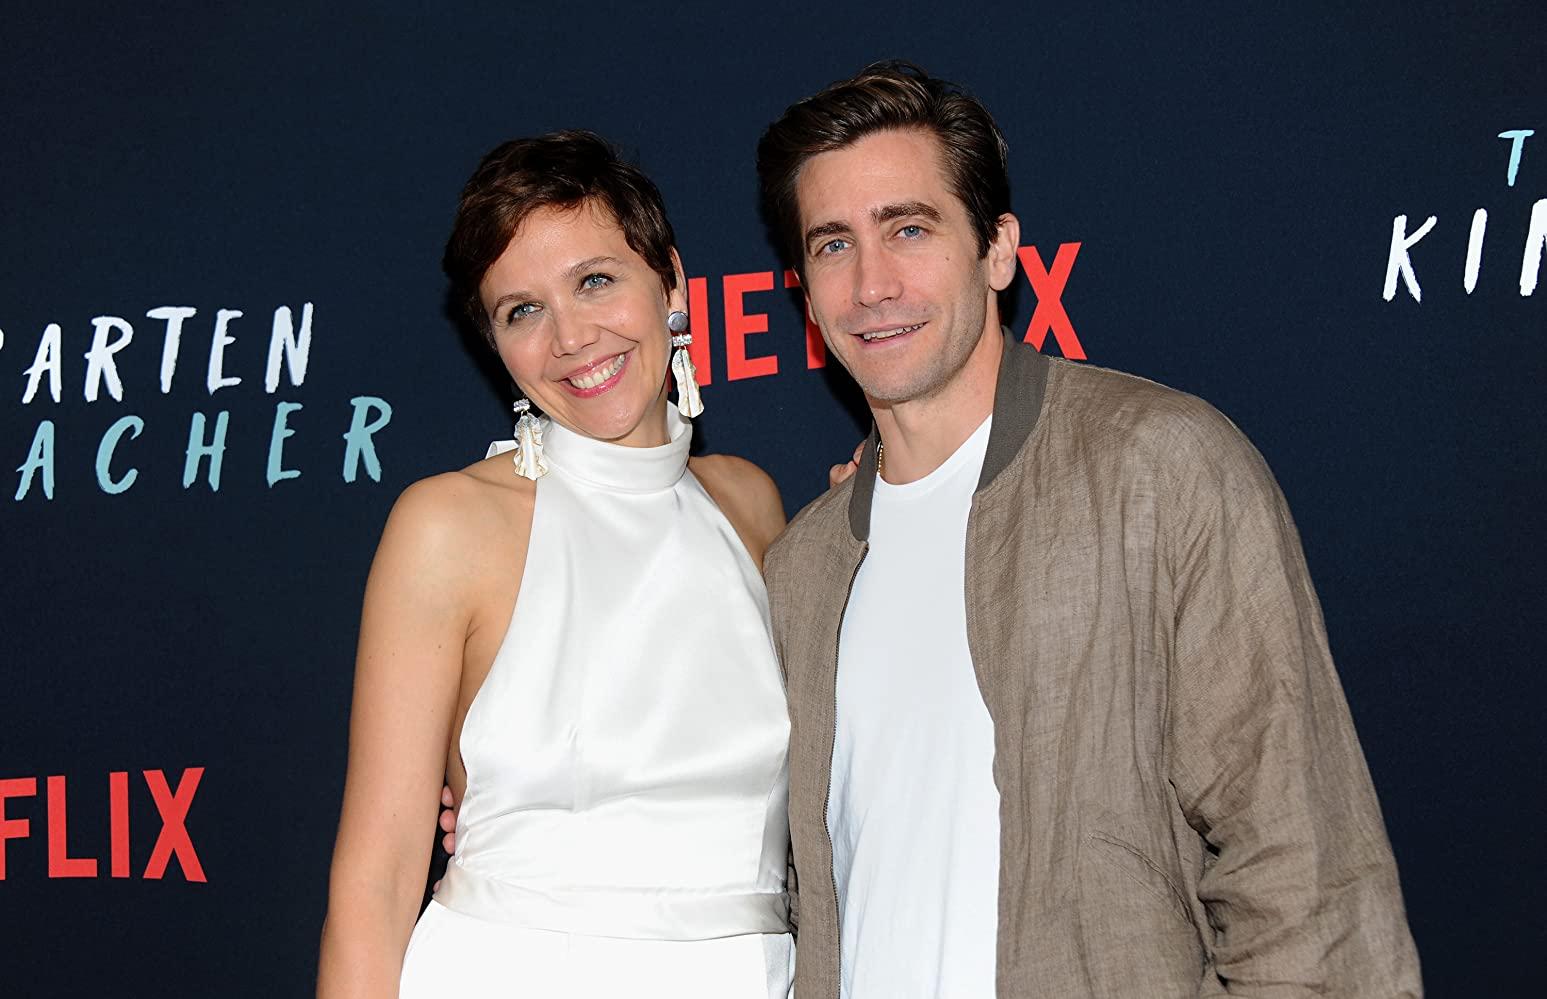 Jake Gyllenhaal and Maggie Gyllenhaal